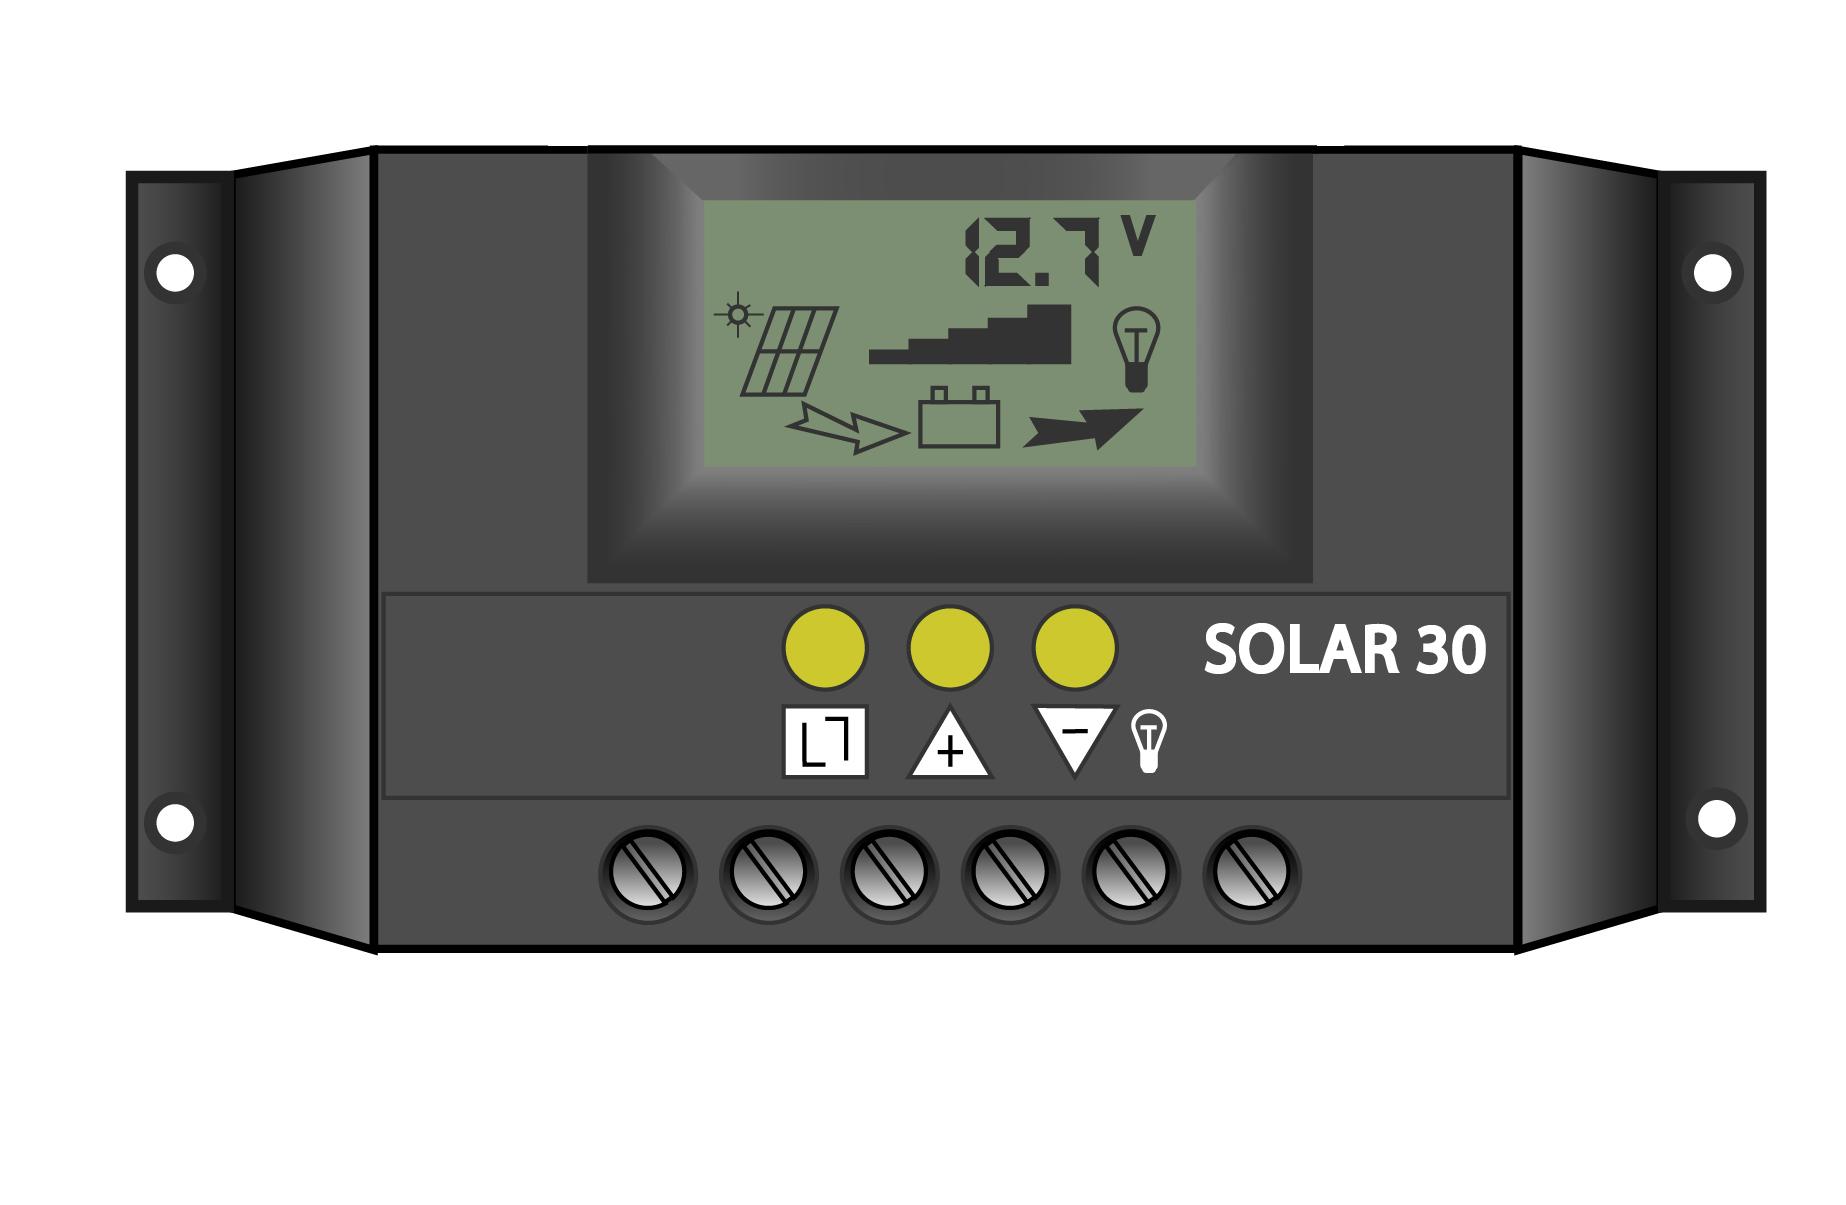 схема контролера заряда аккумултора солнечных батарей